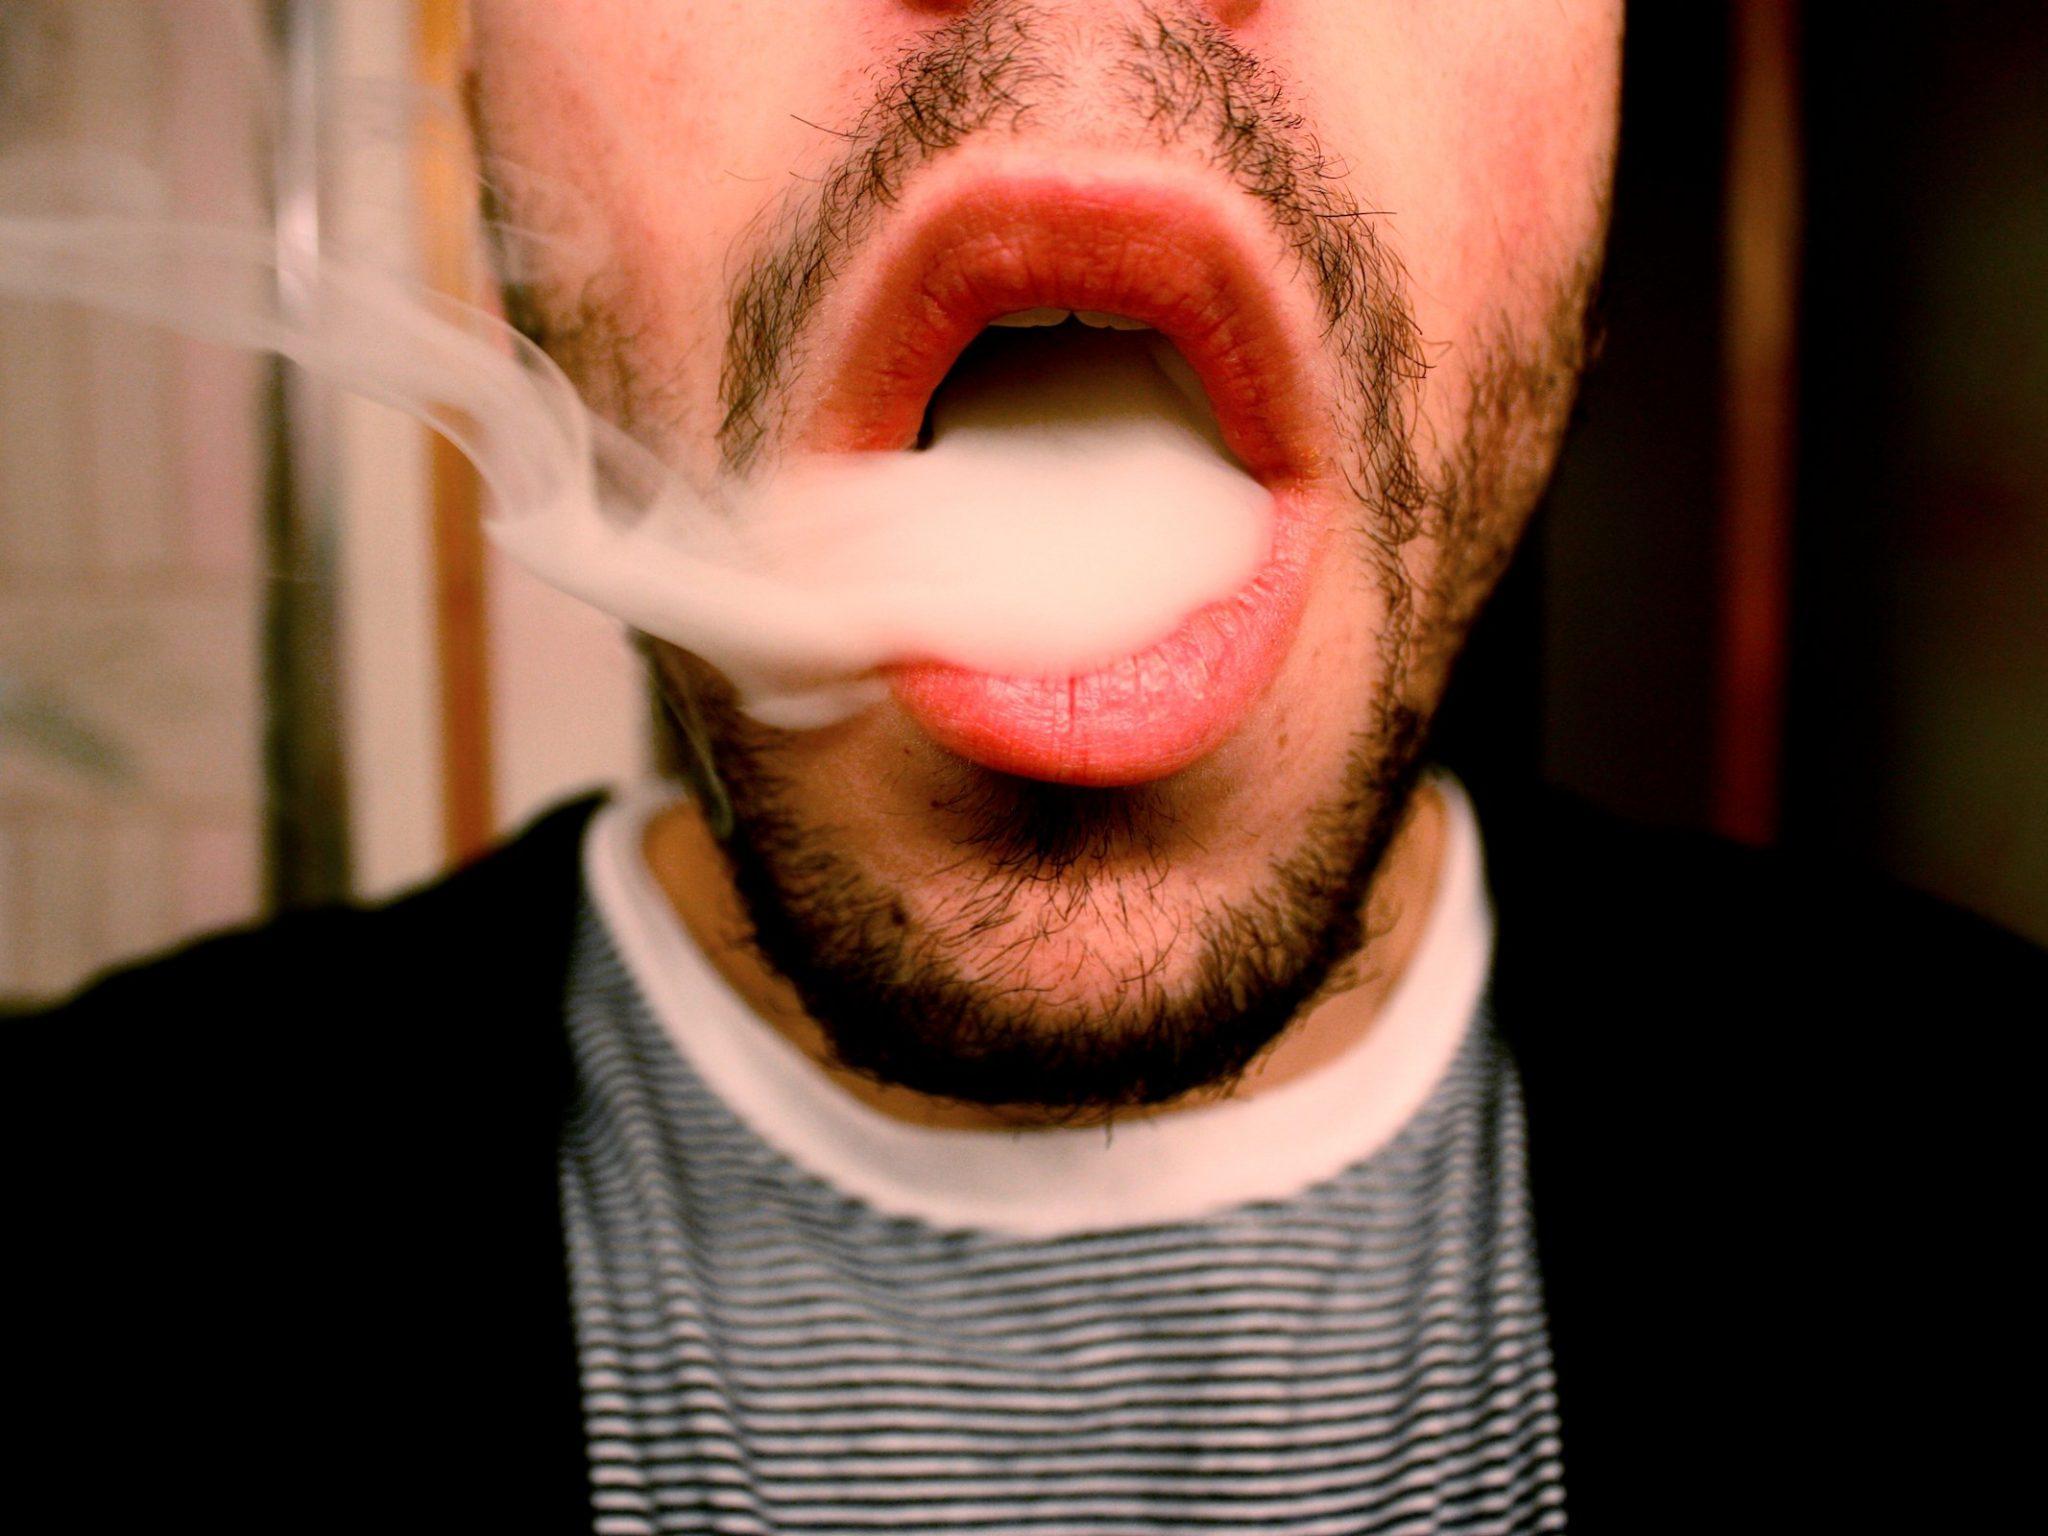 روش های علمی ترک سیگار